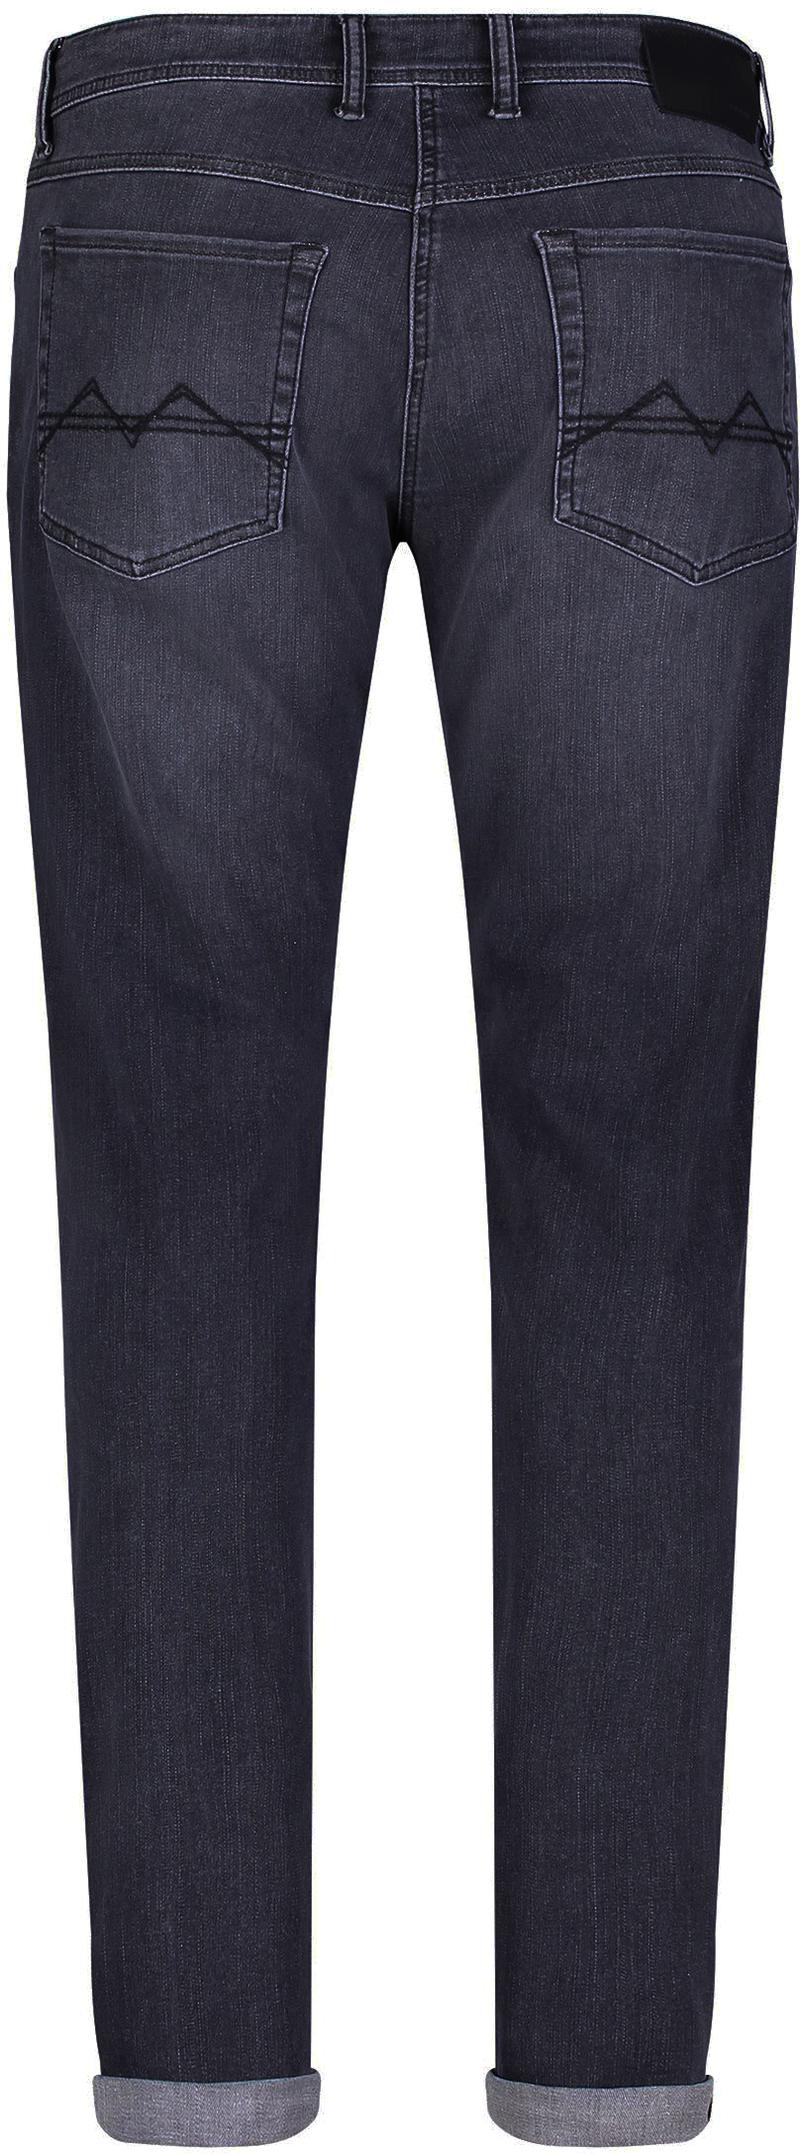 Mac Jeans Arne Pipe Flexx Superstretch H849 Foto 1